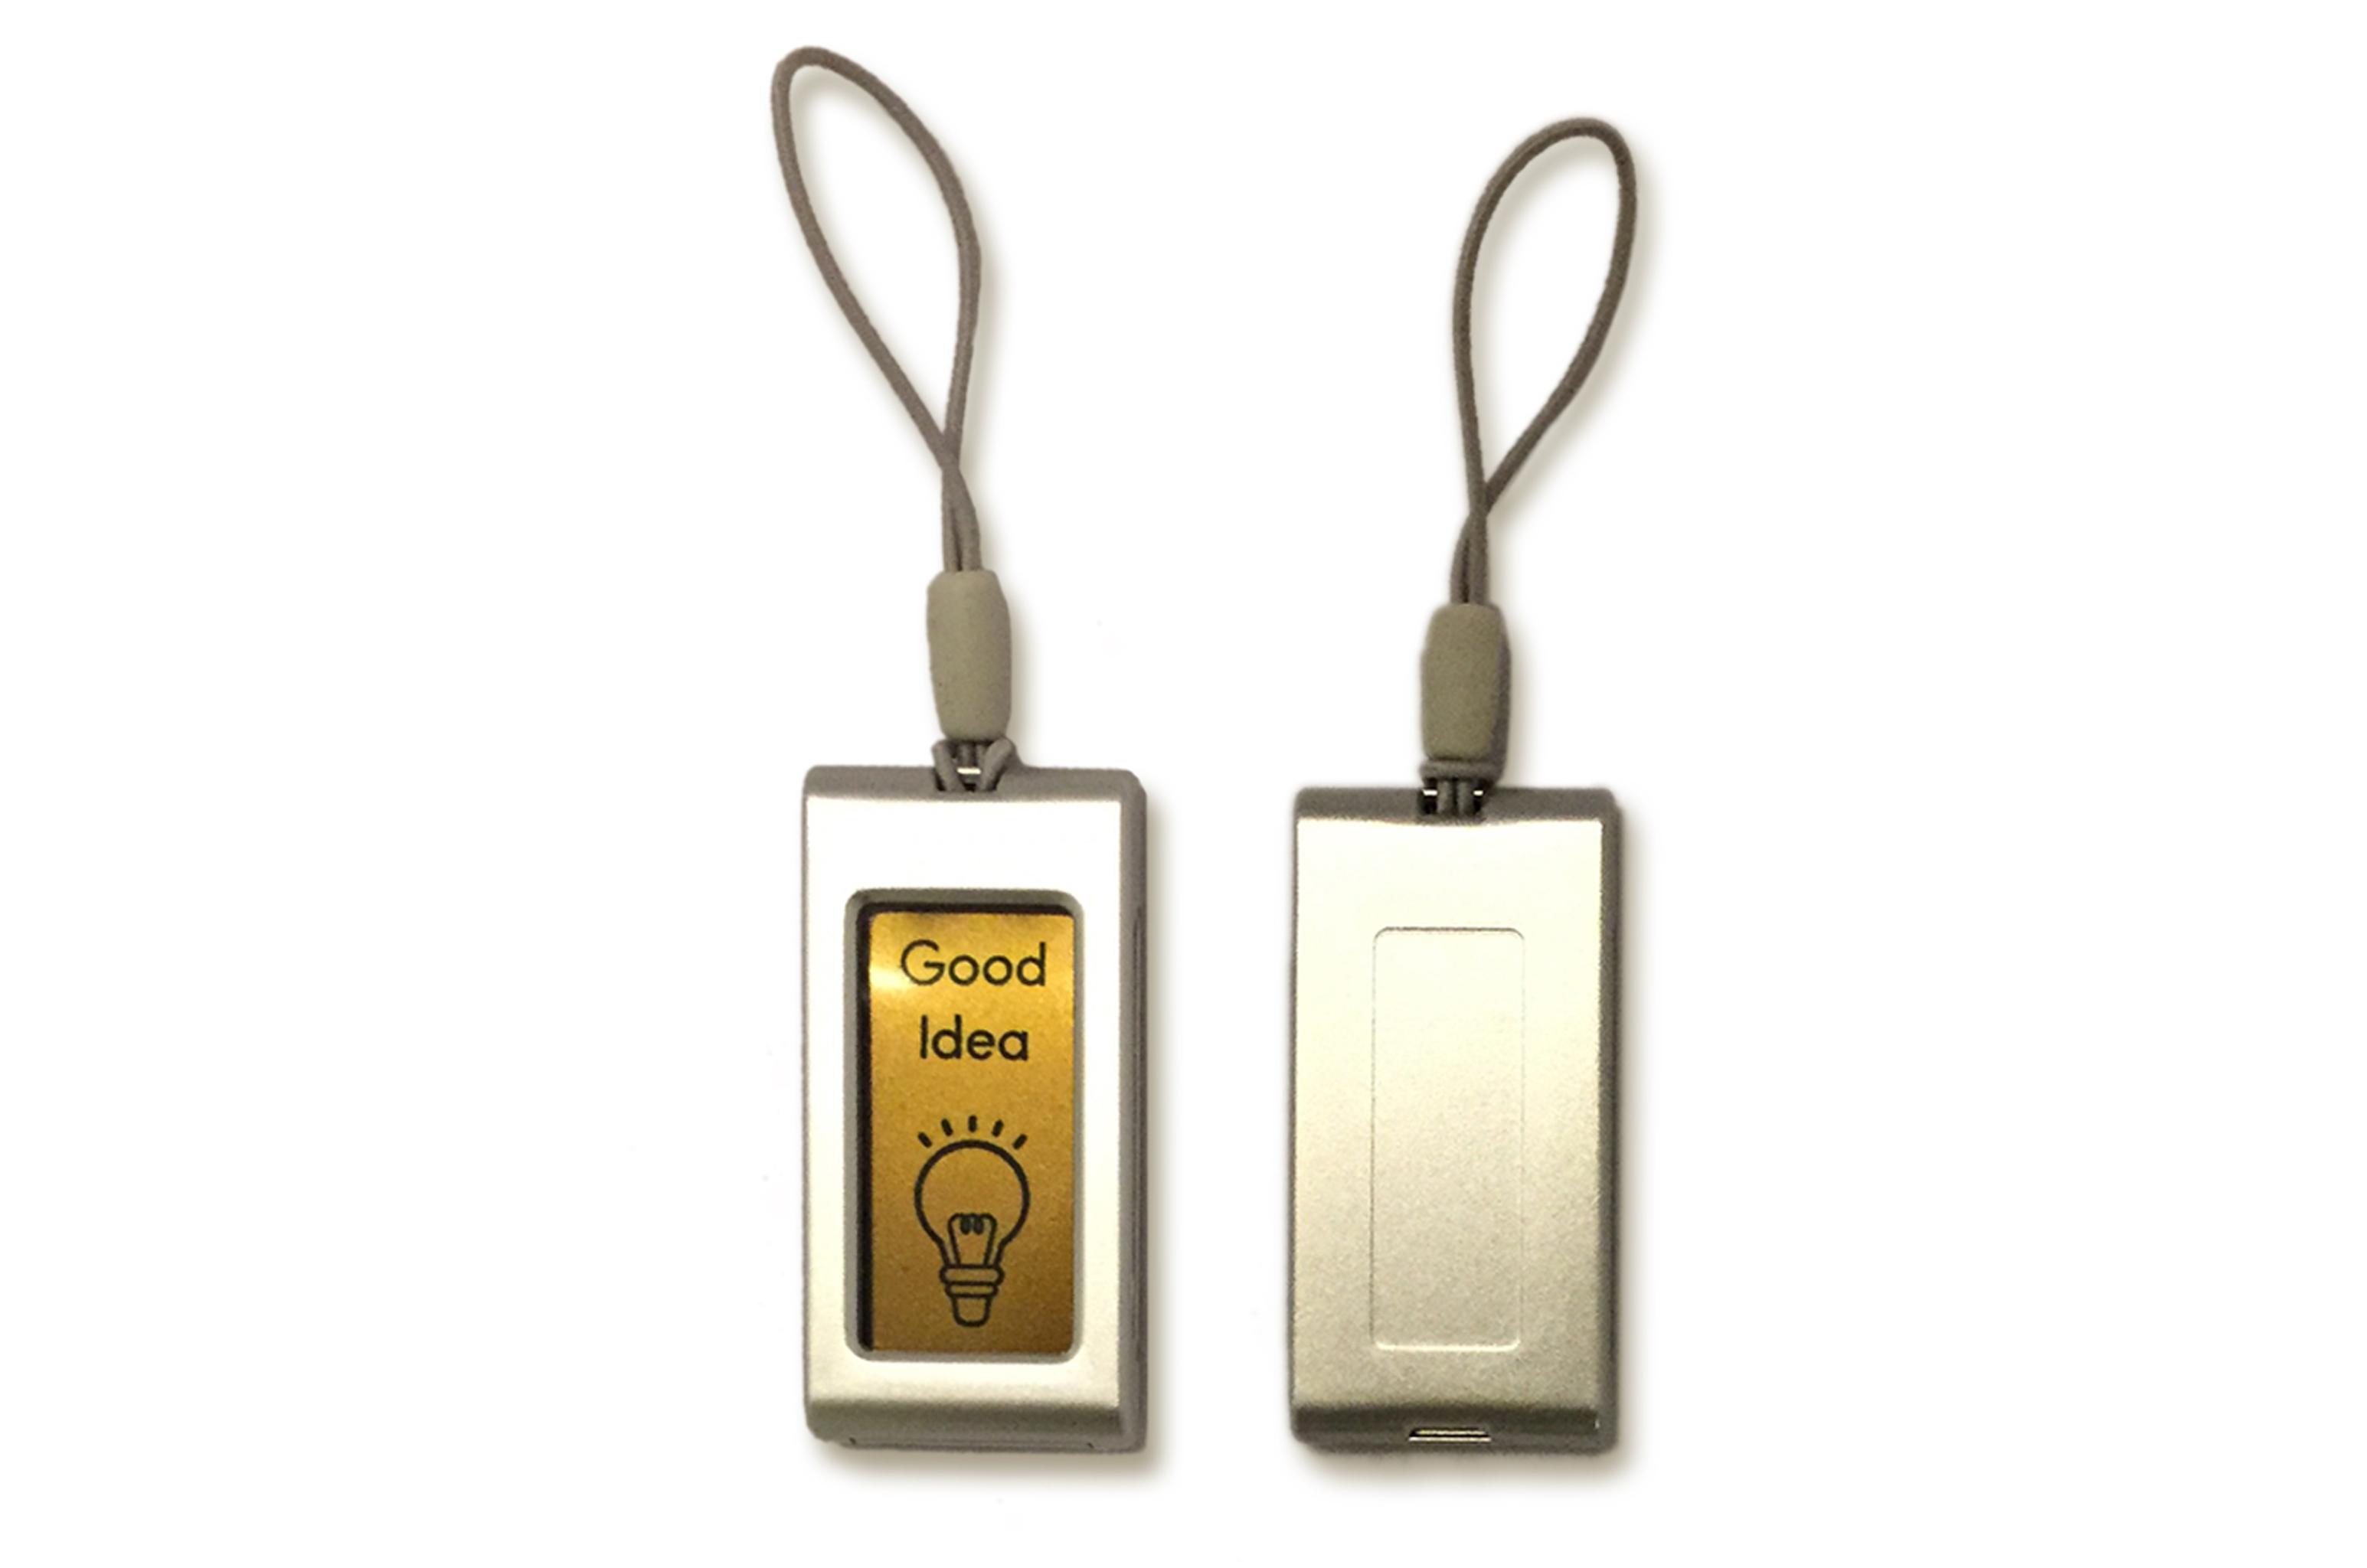 LED tag